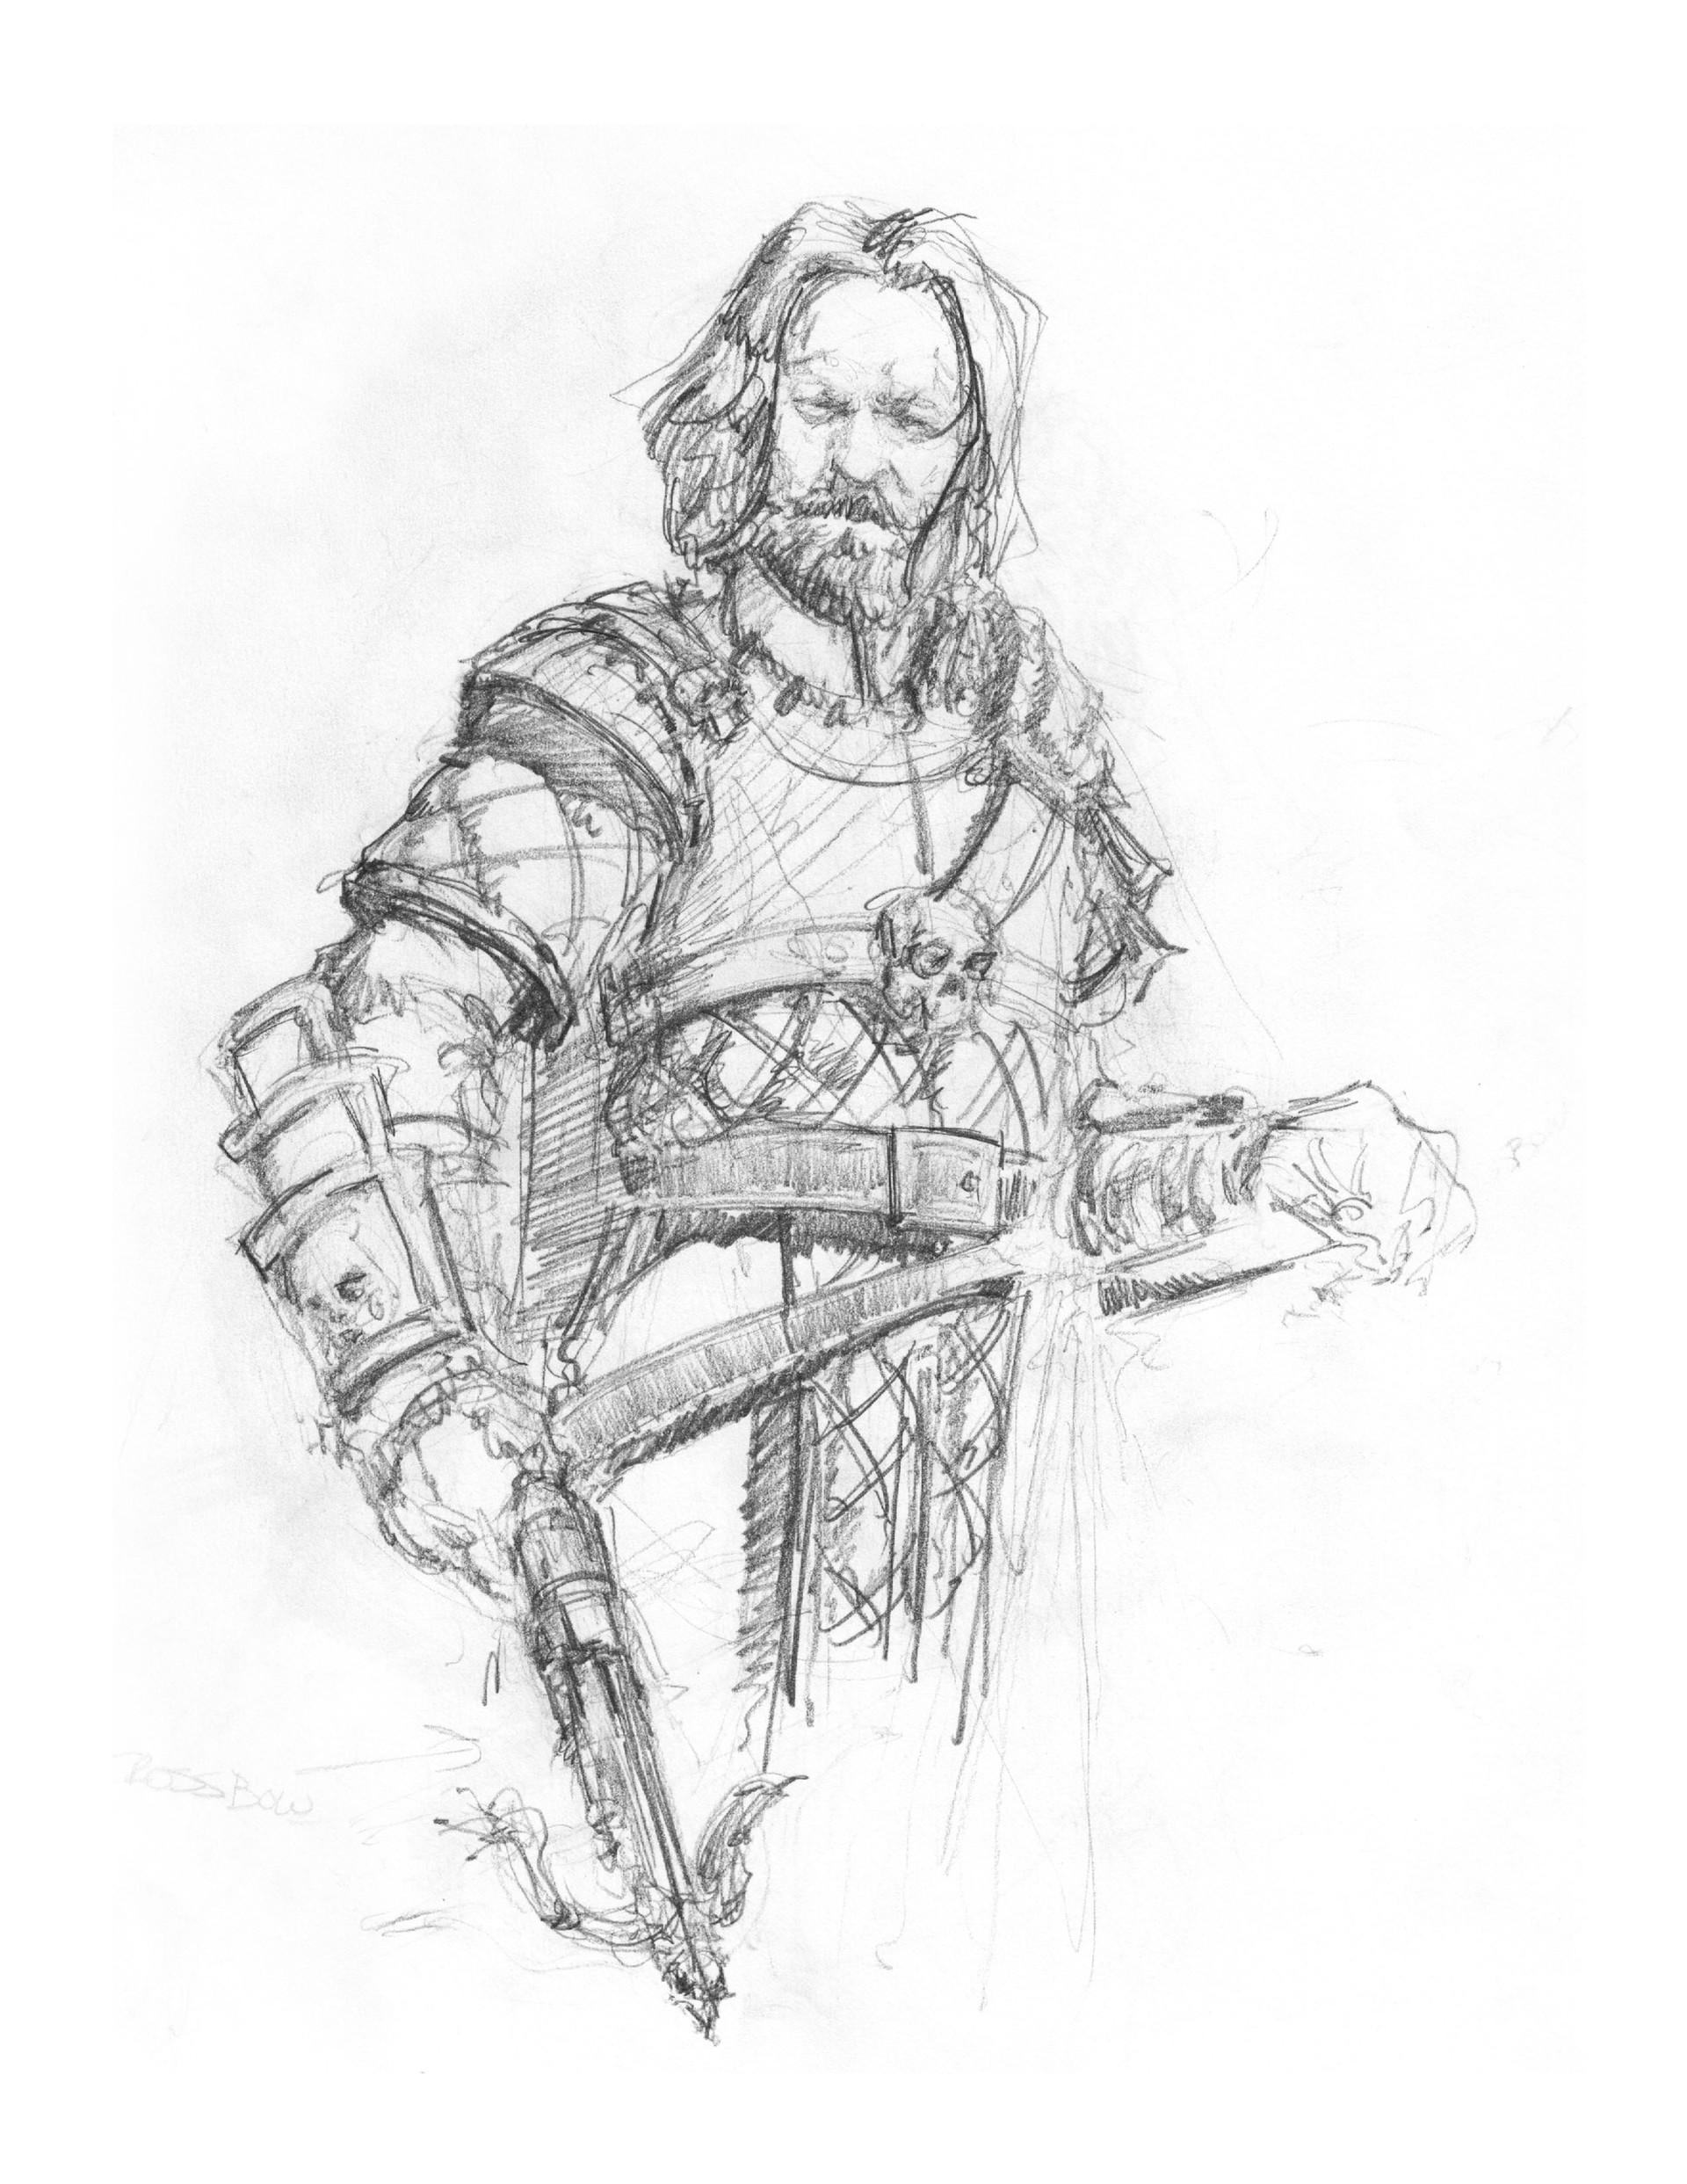 Brent poliquin 2 sketchbookpg1